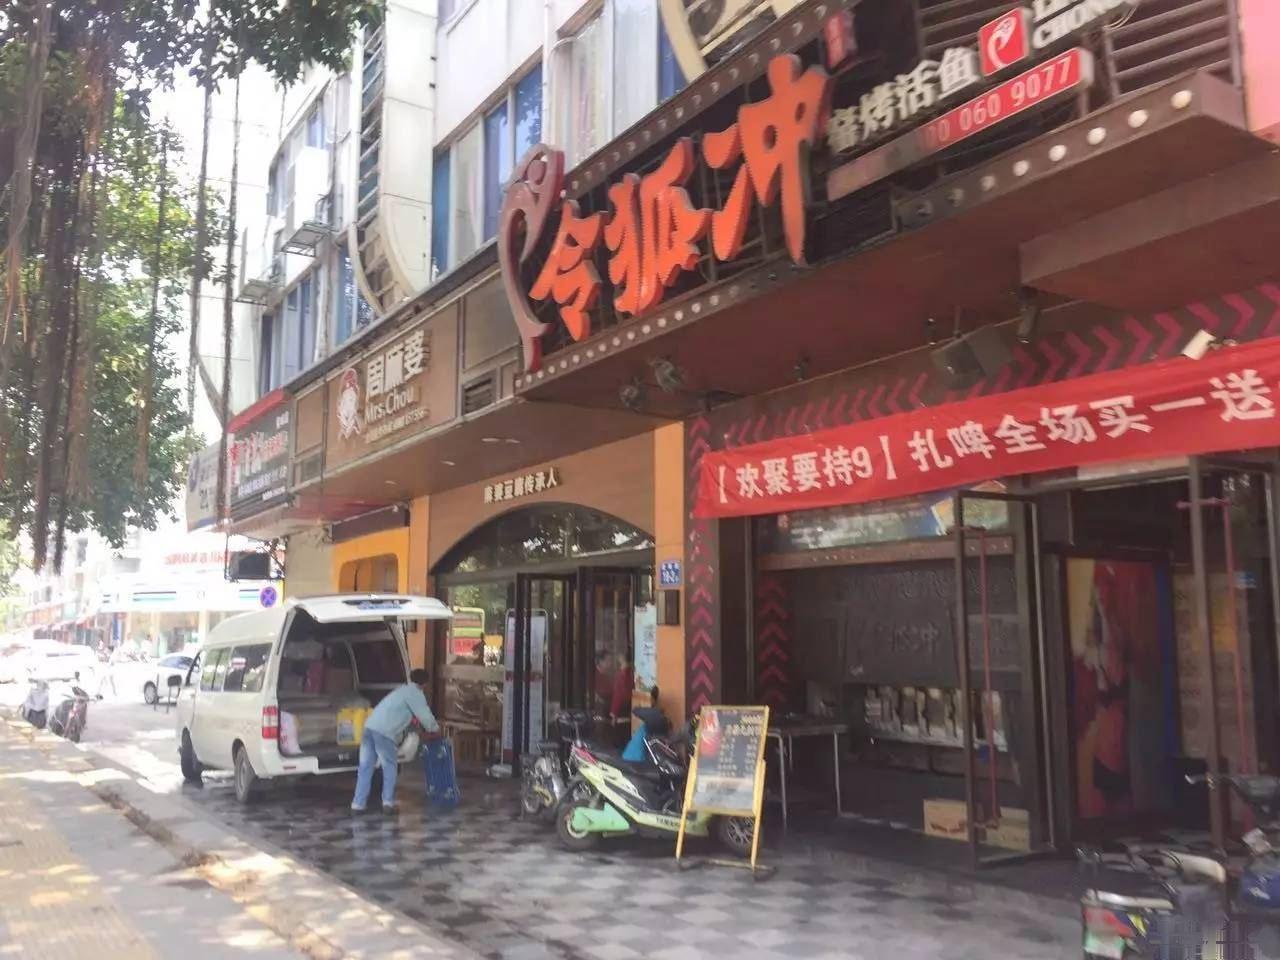 降价抛售东街旗汛口商圈沿街餐饮店面 三岔路口位置